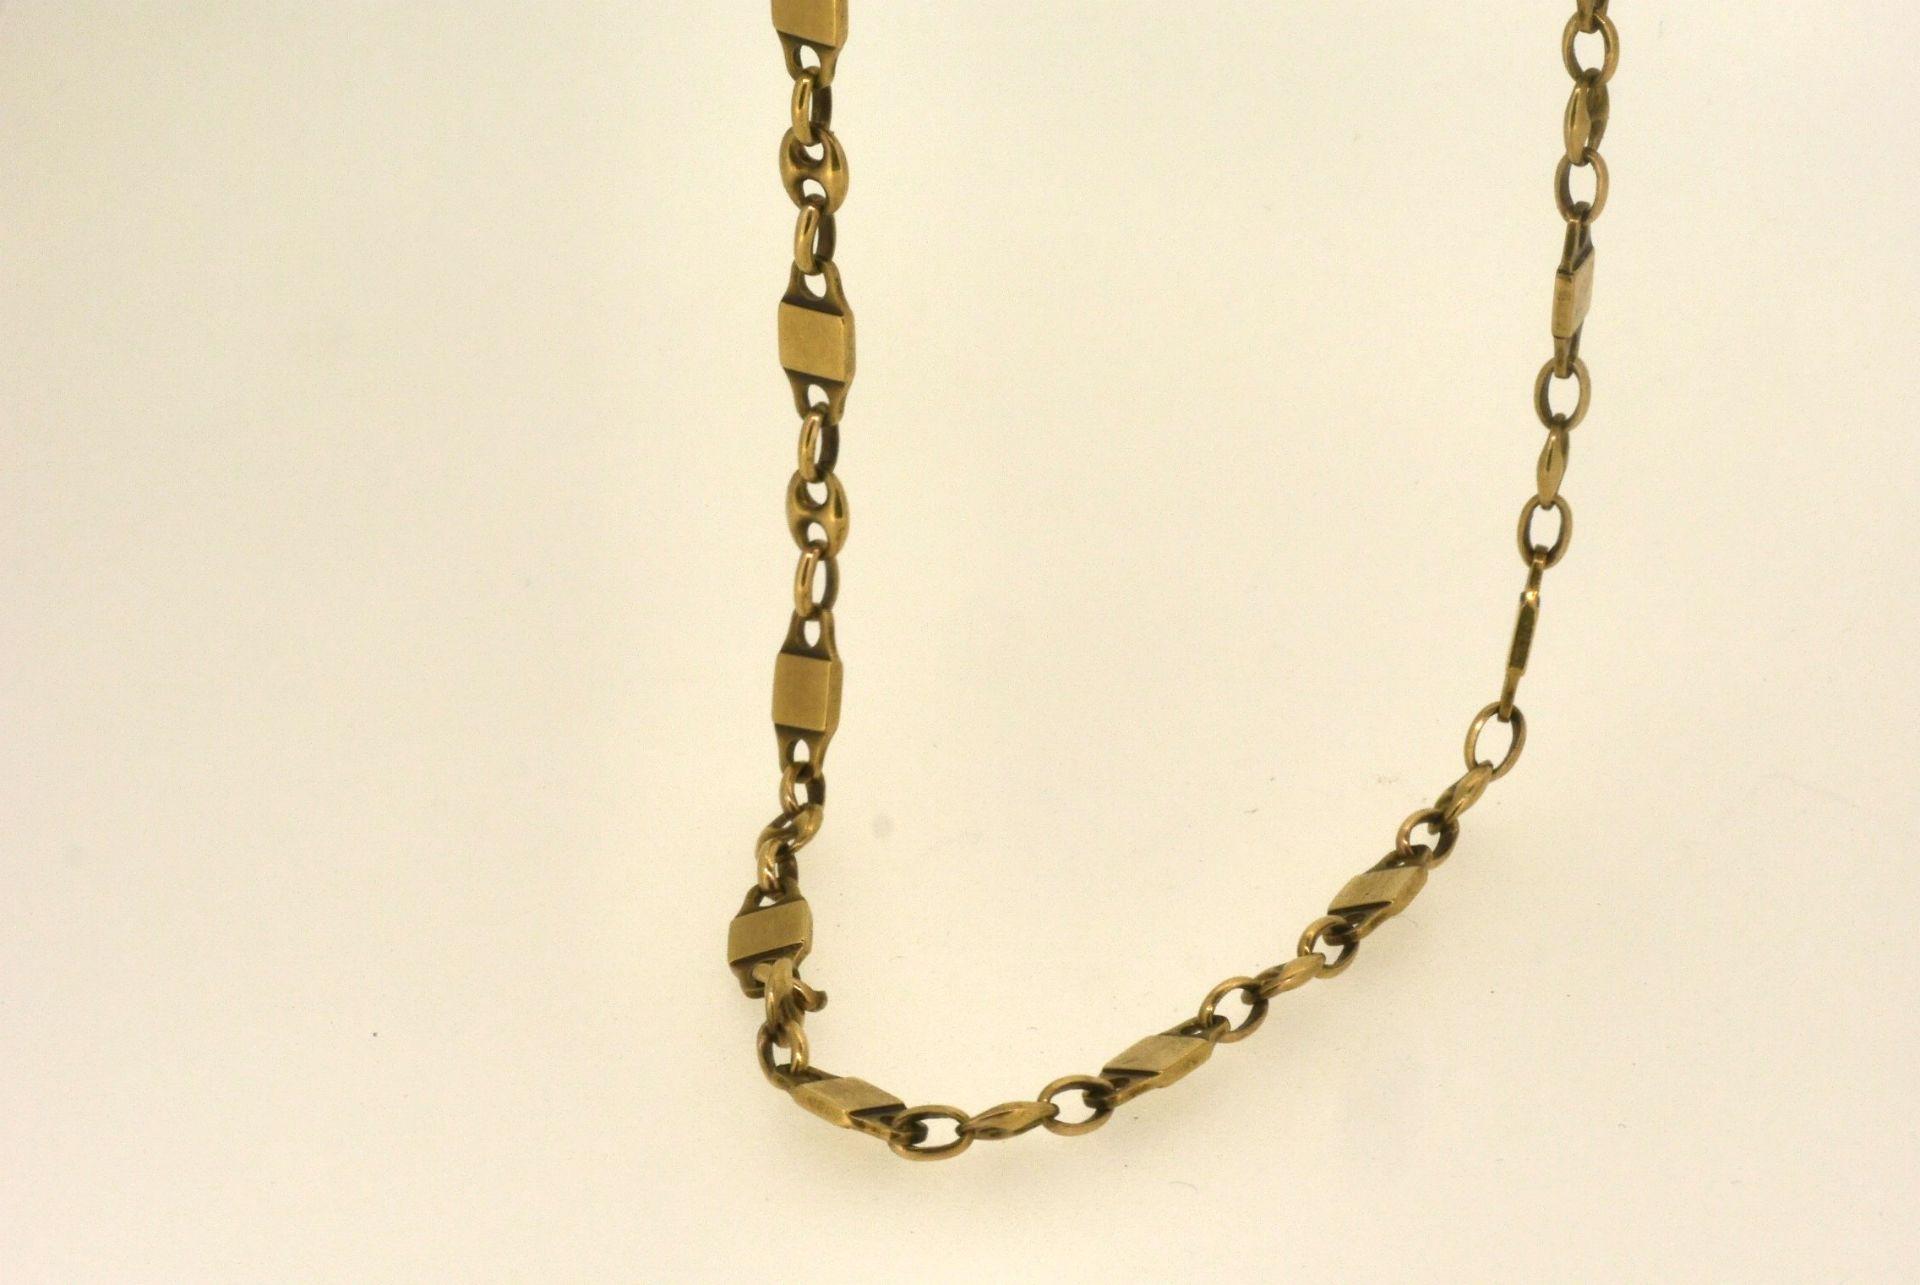 Halskette RG 333, 59 cm, 16,05 Gramm